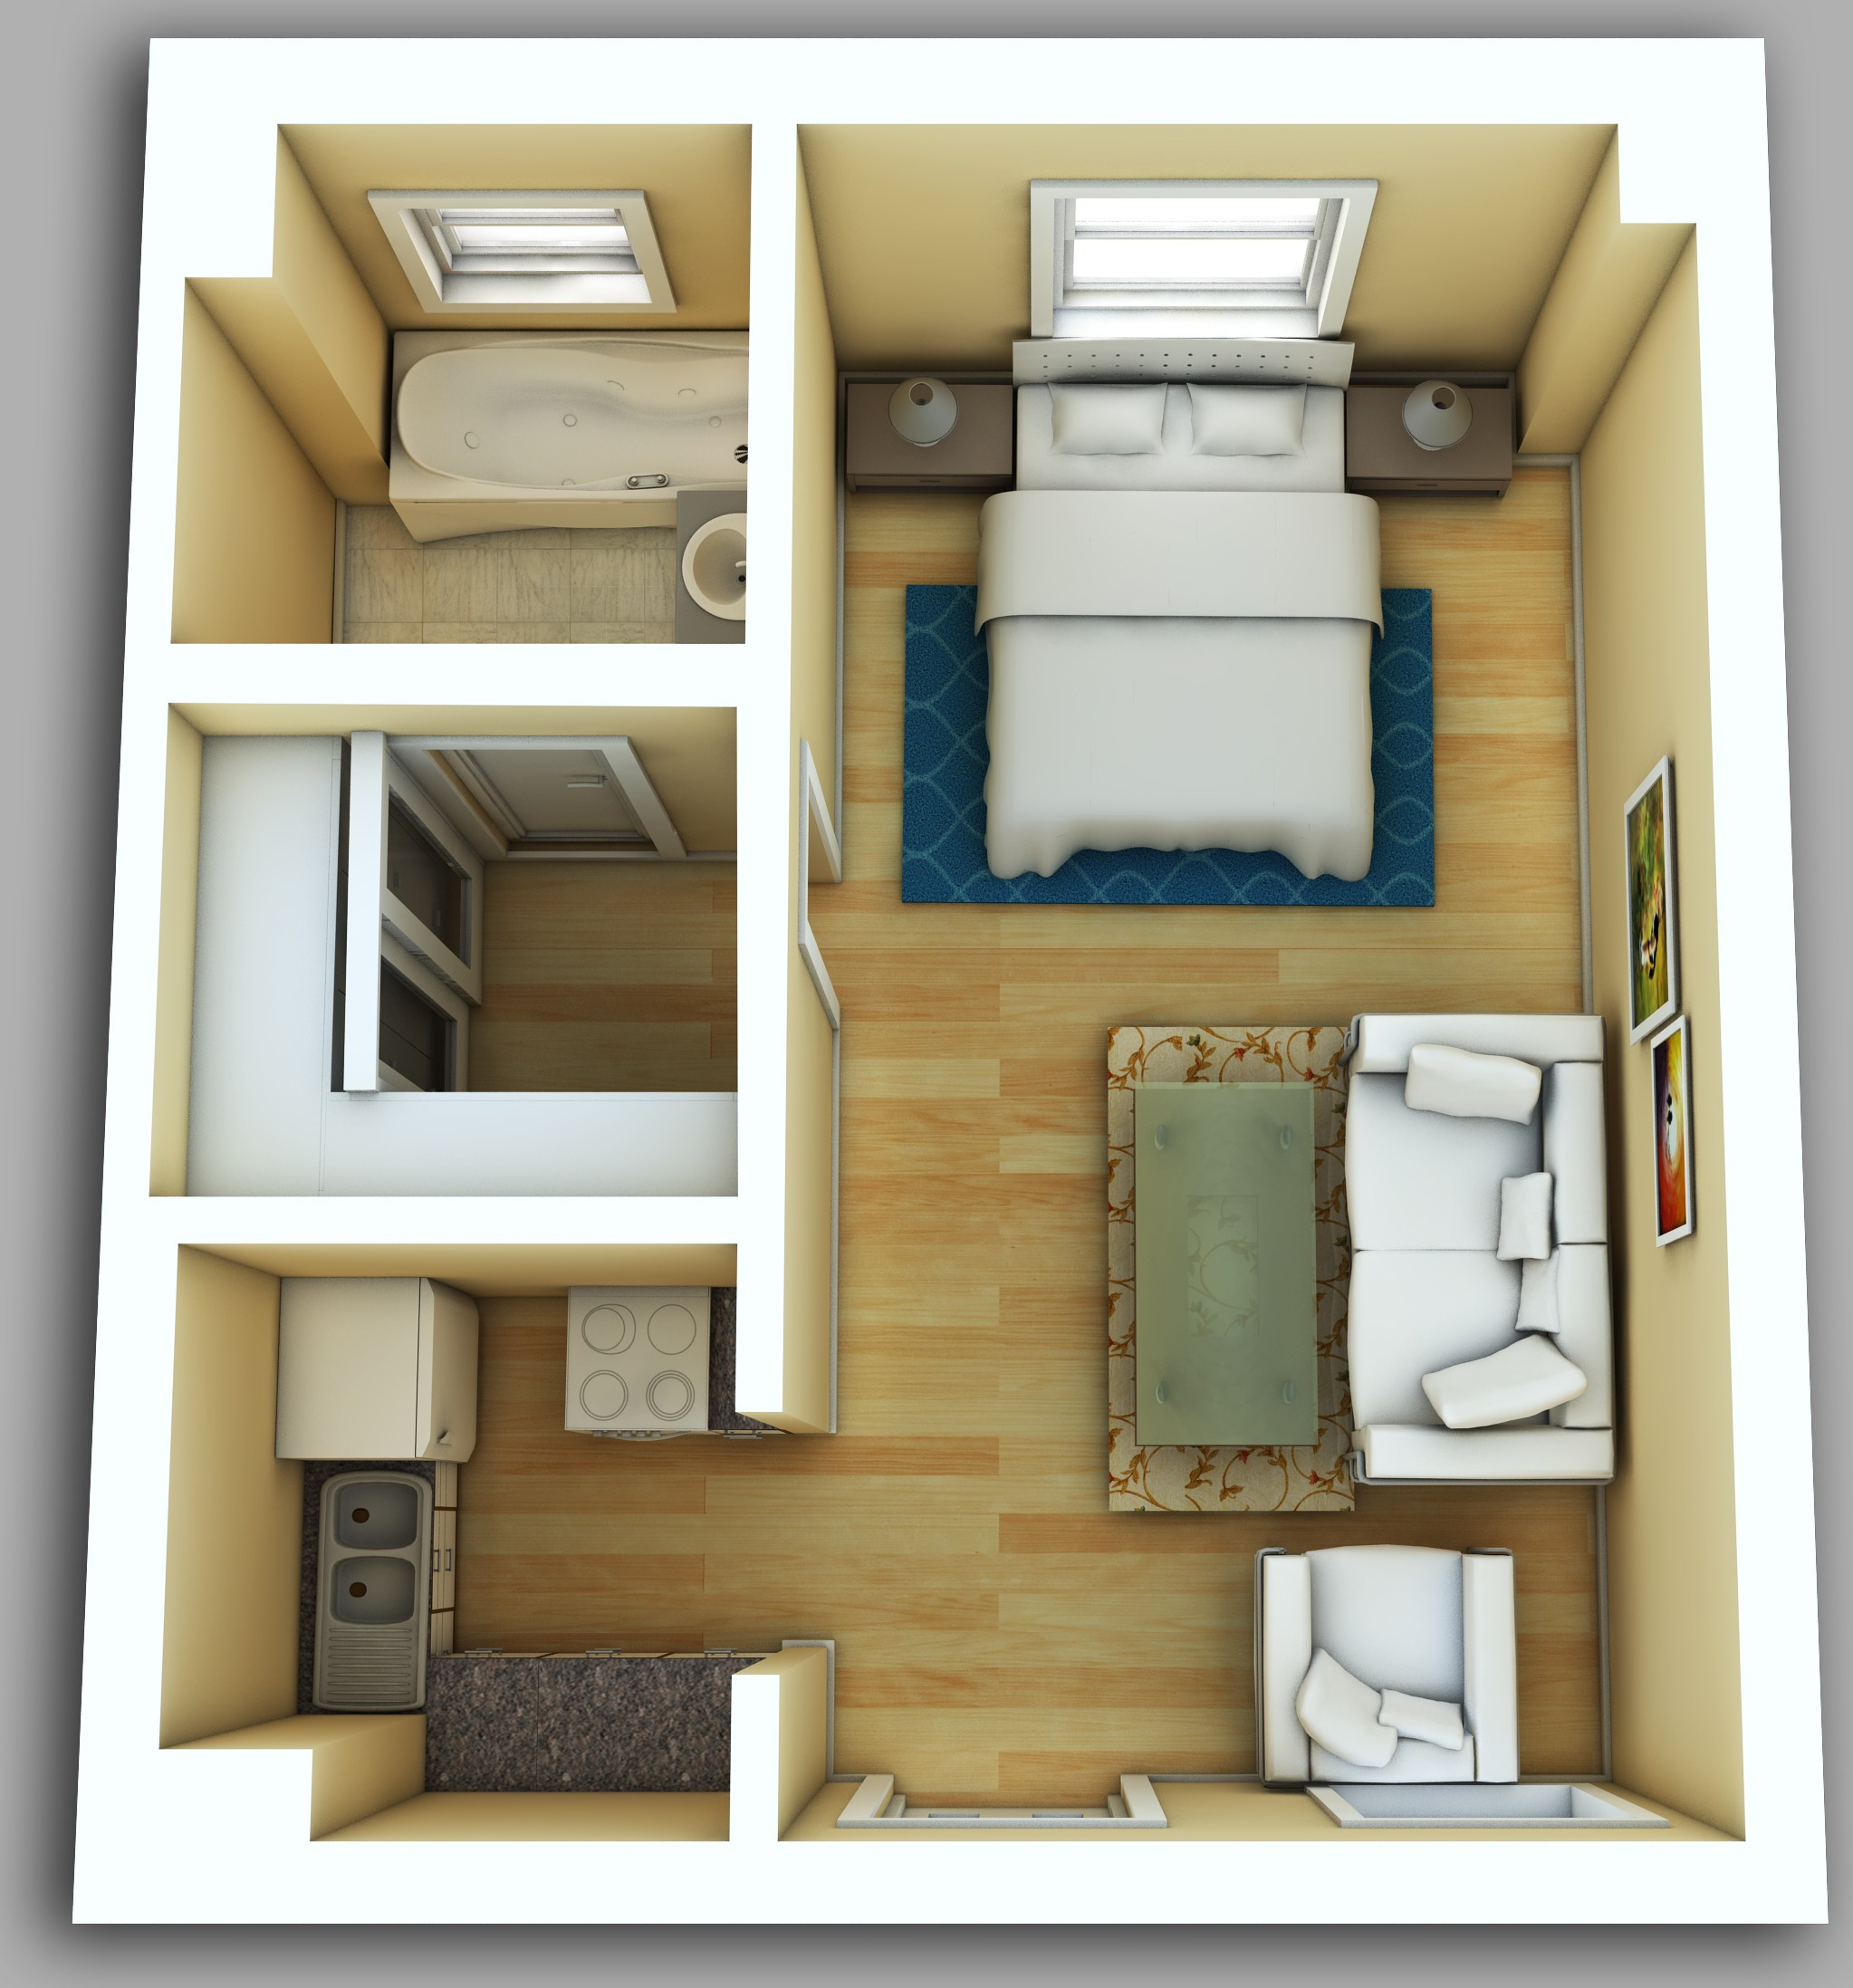 Park View Apartments